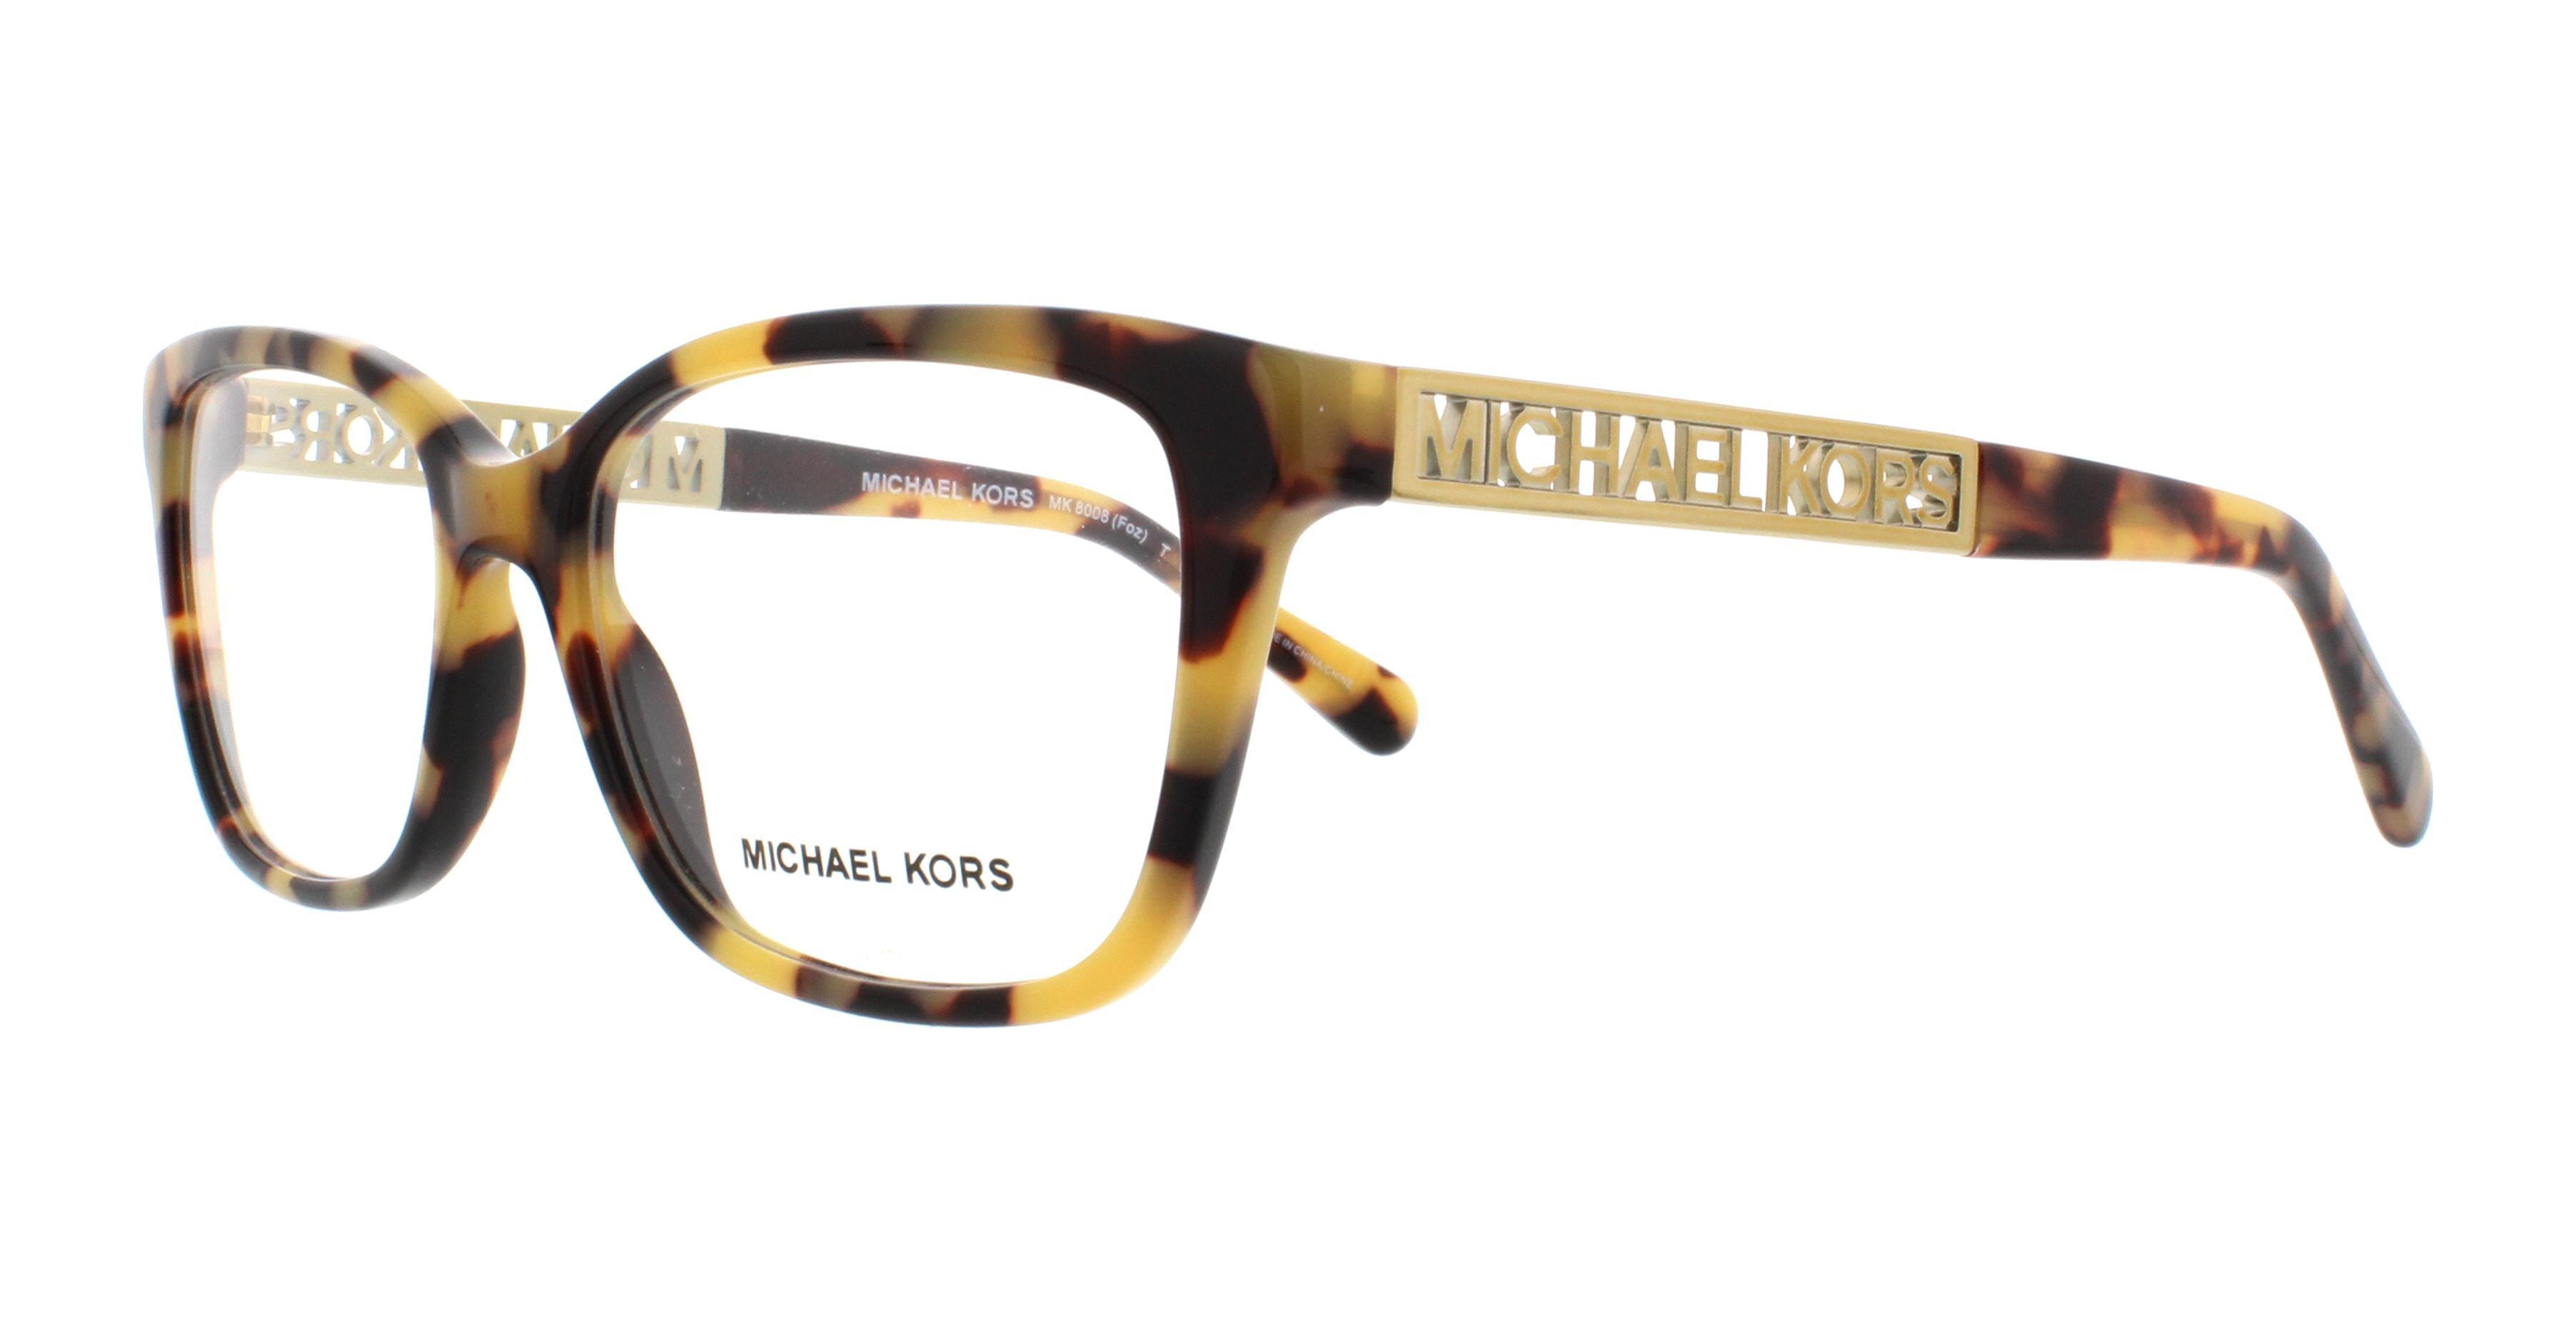 c92a61504f83 Designer Frames Outlet. Michael Kors MK8008 Foz